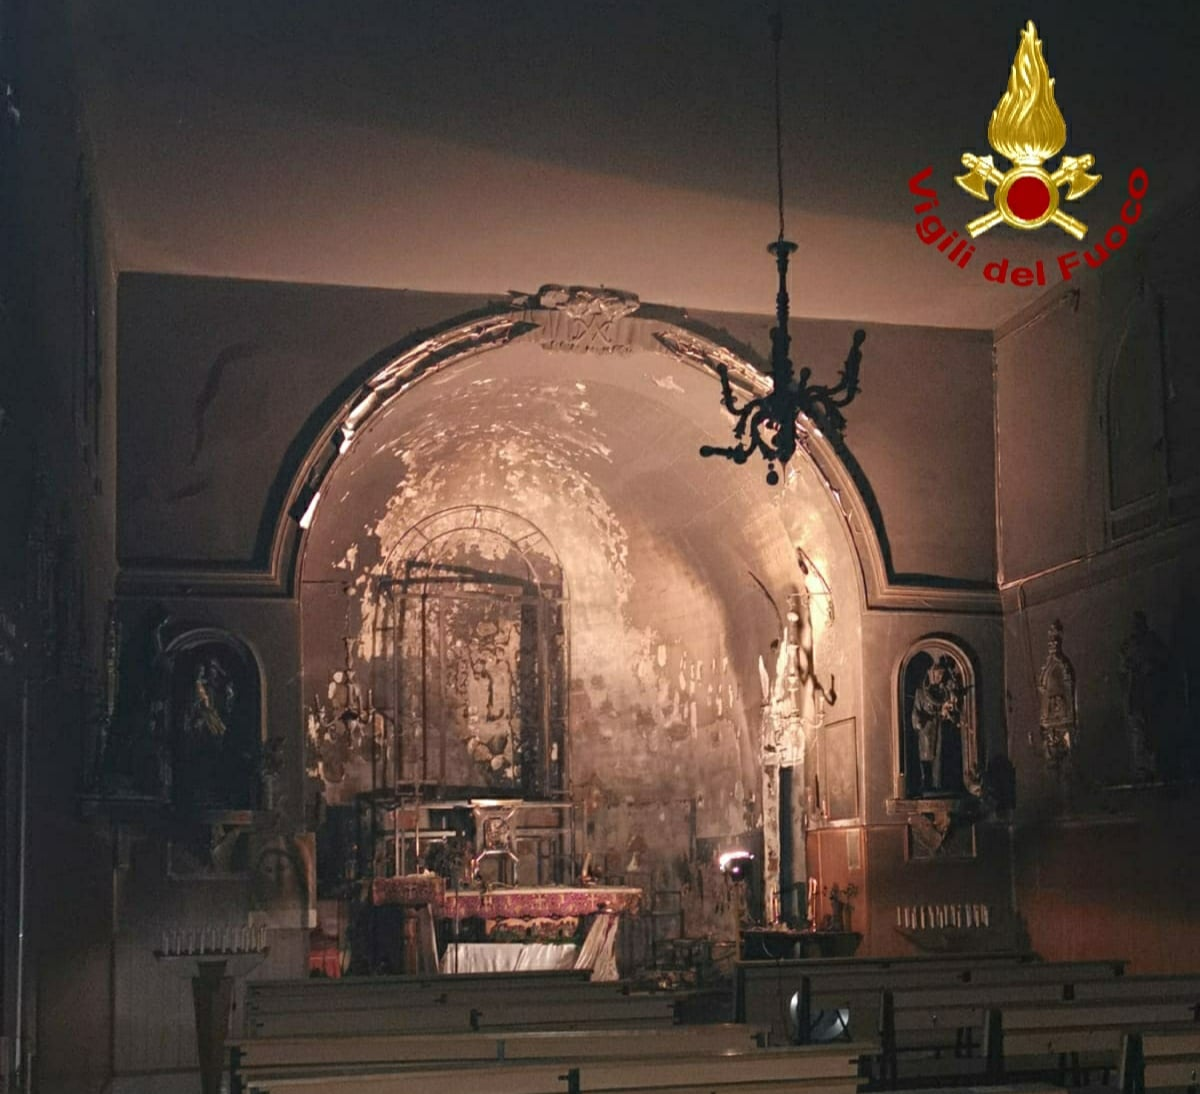 Incendio a Catania, fiamme nella chiesa S. Maria del Rosario: altare a fuoco – DETTAGLI